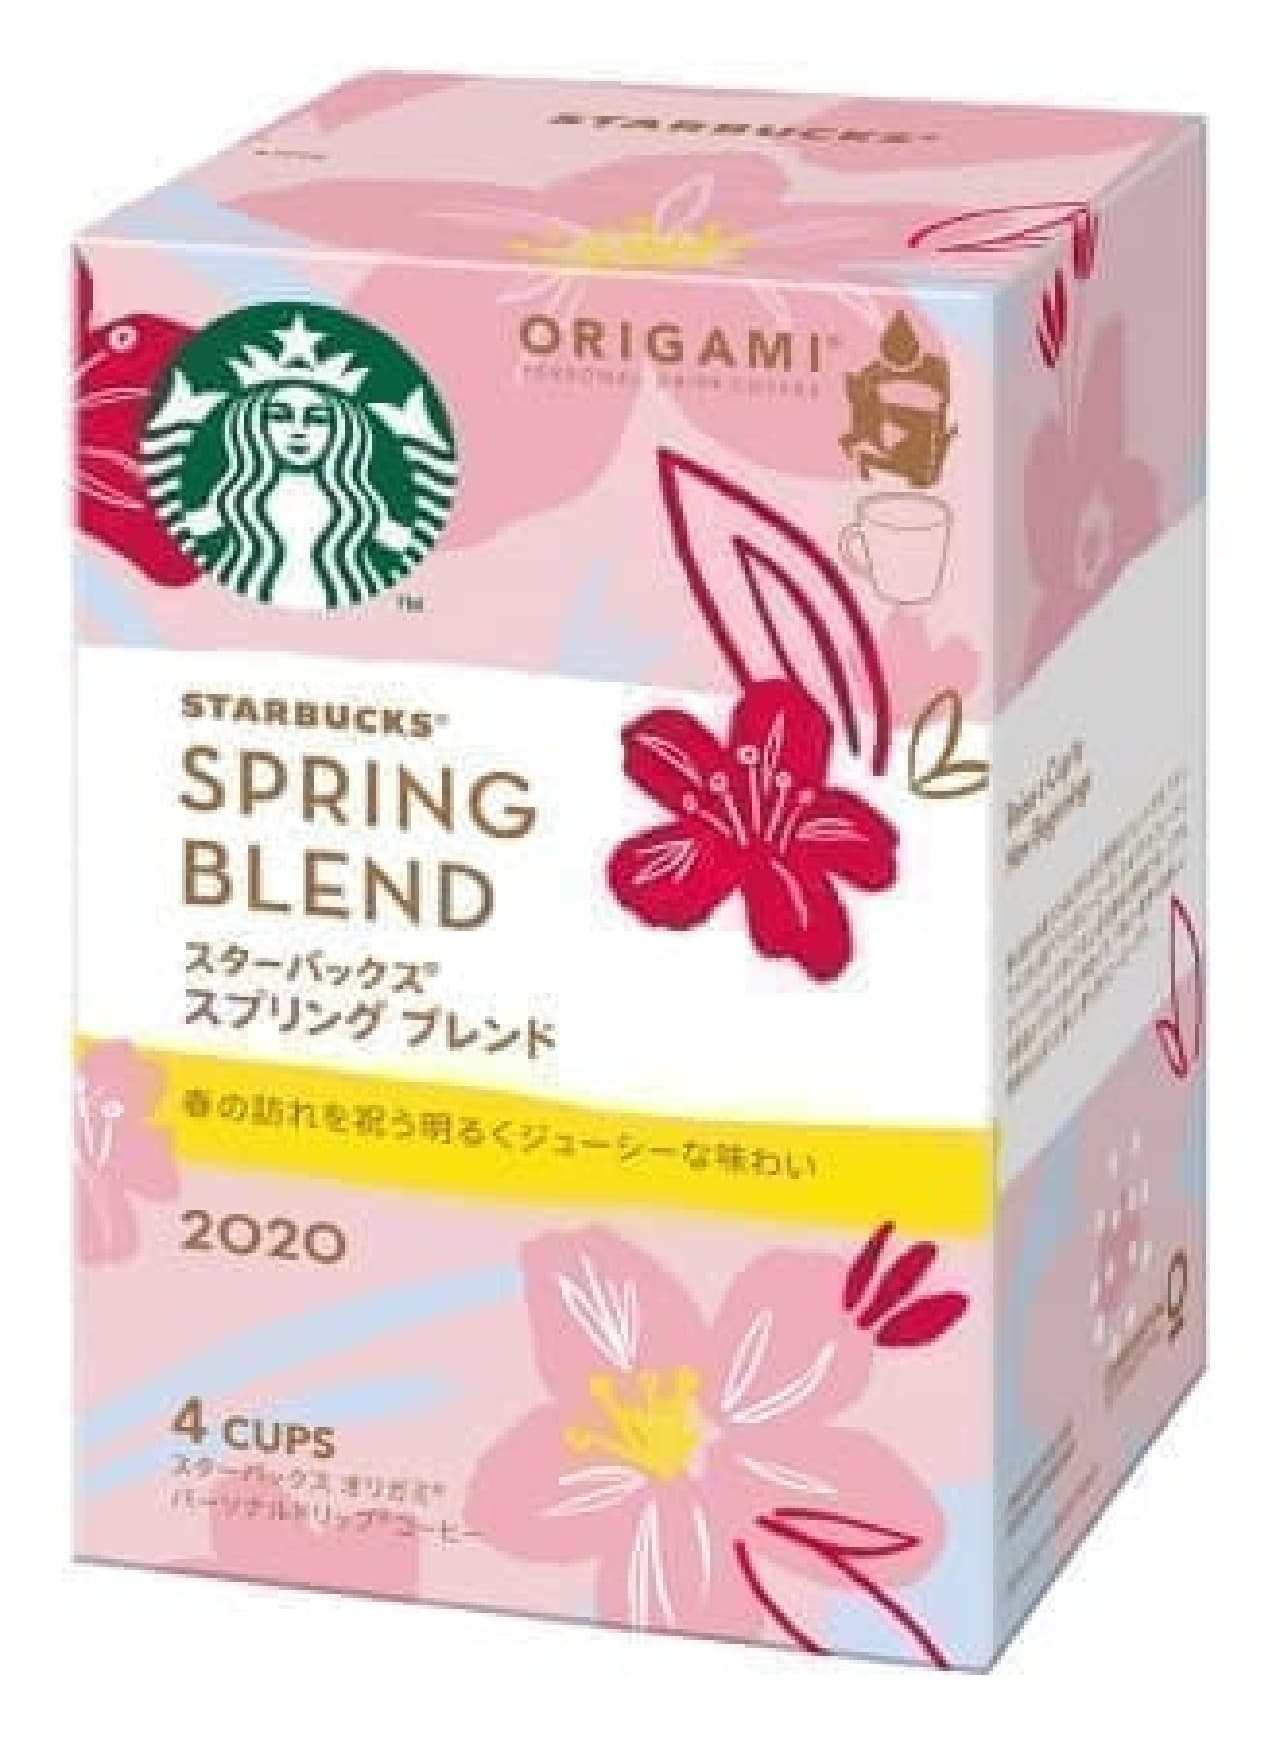 春限定「スターバックス スプリング チアー ギフト」--桜色のカップ&ホルダーが可愛い